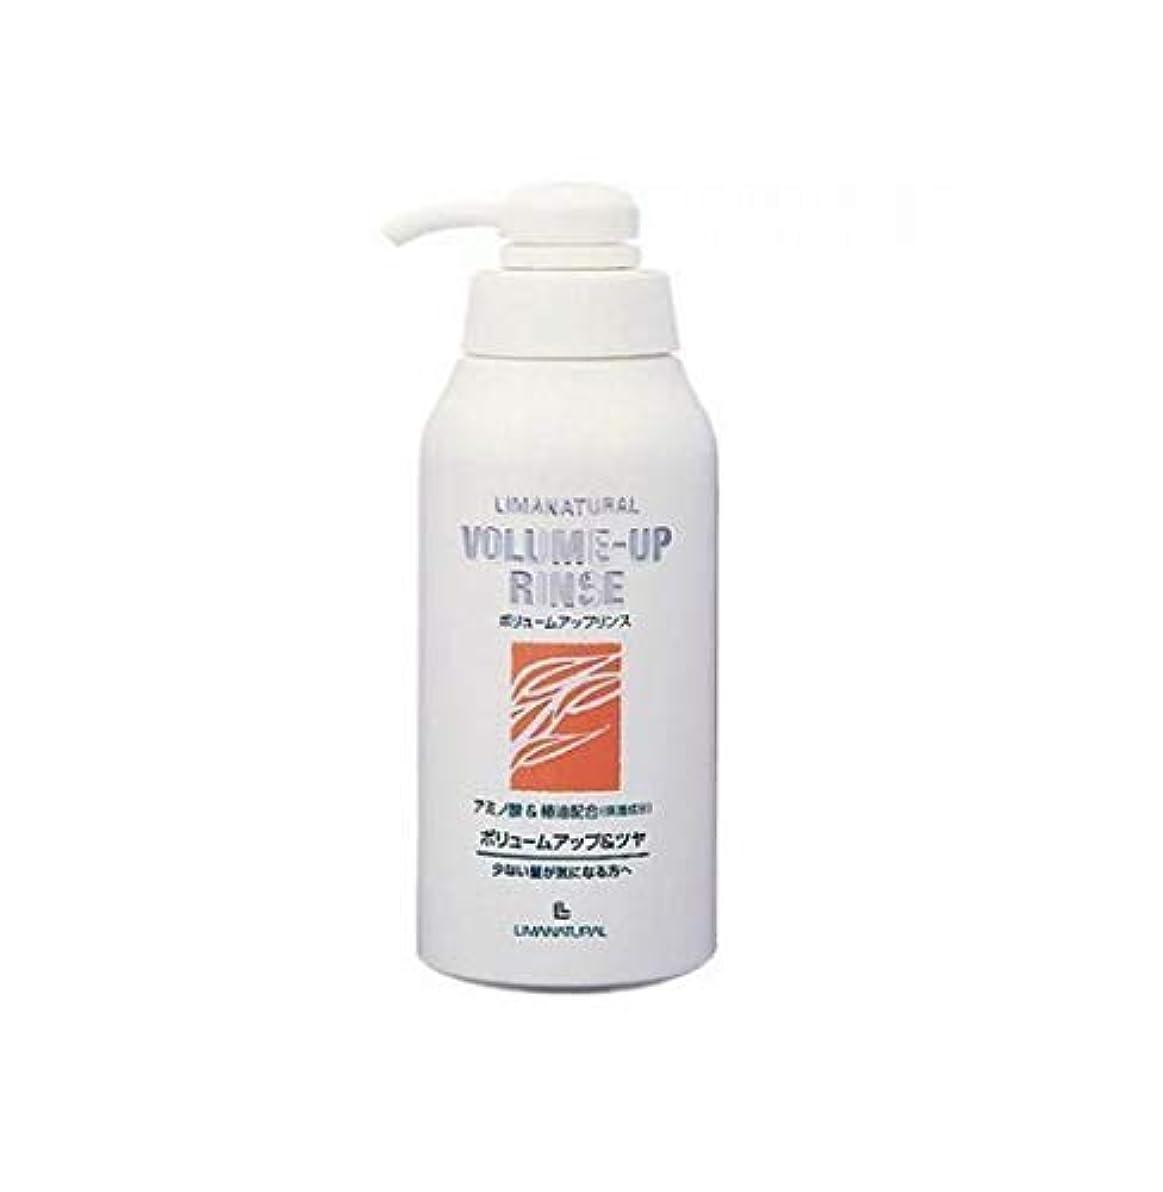 掃除証明貼り直すリマナチュラル LIMANATURAL ボリュームアップリンス ヘアケア ダメージ オーガニック マクロビオテック ナチュラル化粧品 国産 自然派 パラベンフリー